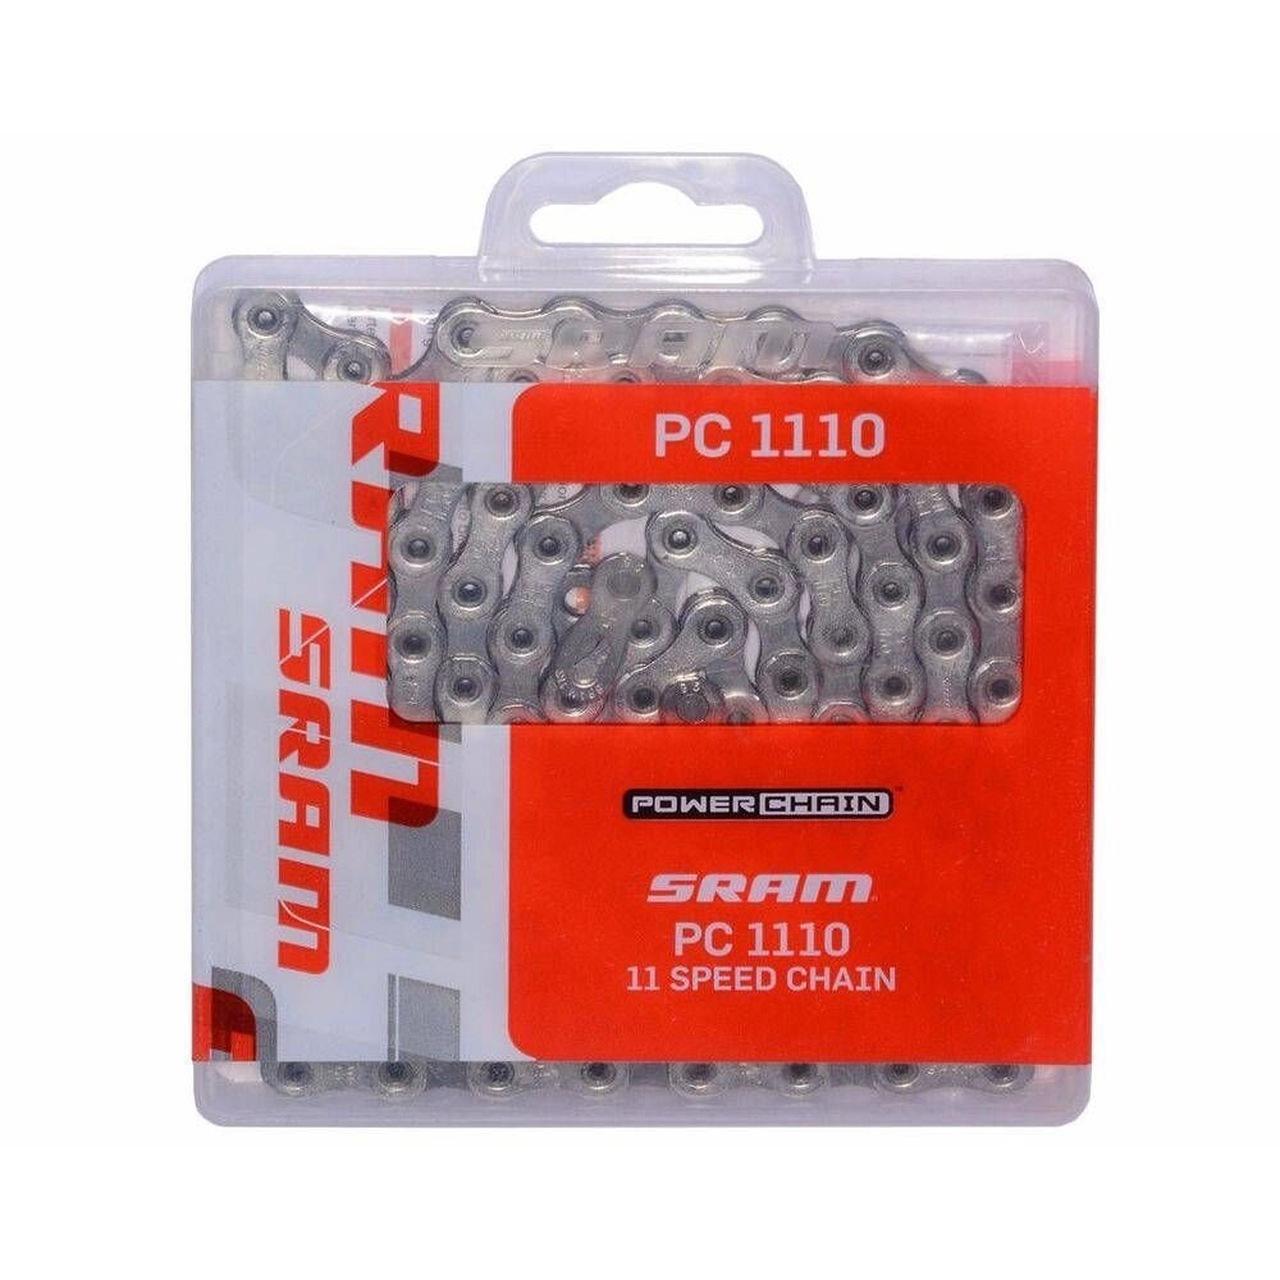 CORRENTE SRAM PC-1110 114 ELOS SOLID PIN (00.2518.025.011)